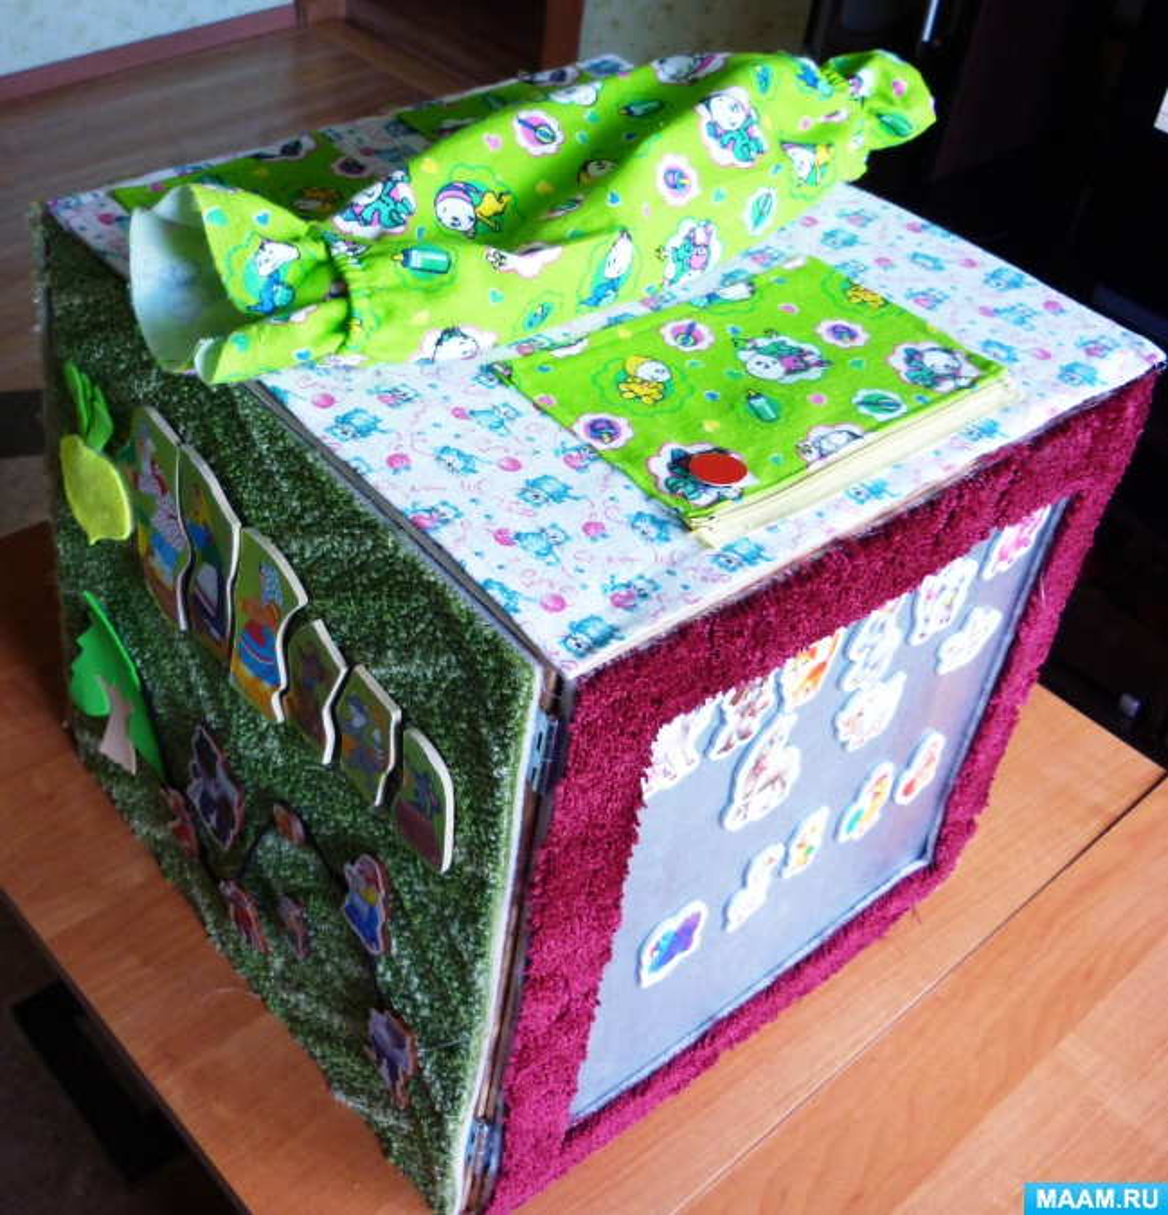 Дидактическое пособие «Волшебный куб». Полифункциональная игра из ковролина— коврограф